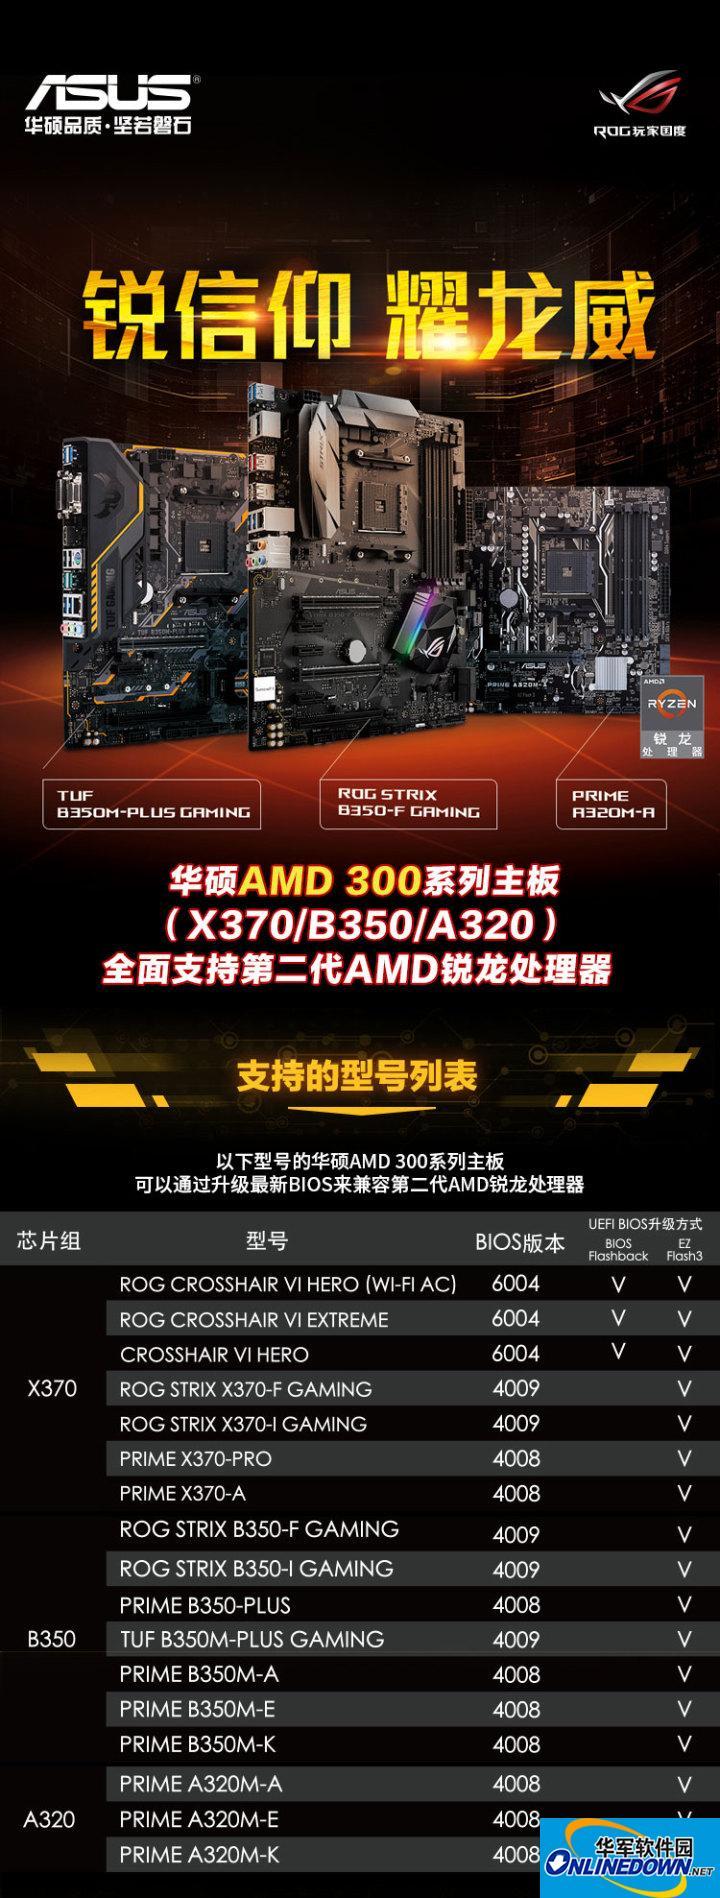 华硕主板升级BIOS 支持第二代AMD锐龙处理器